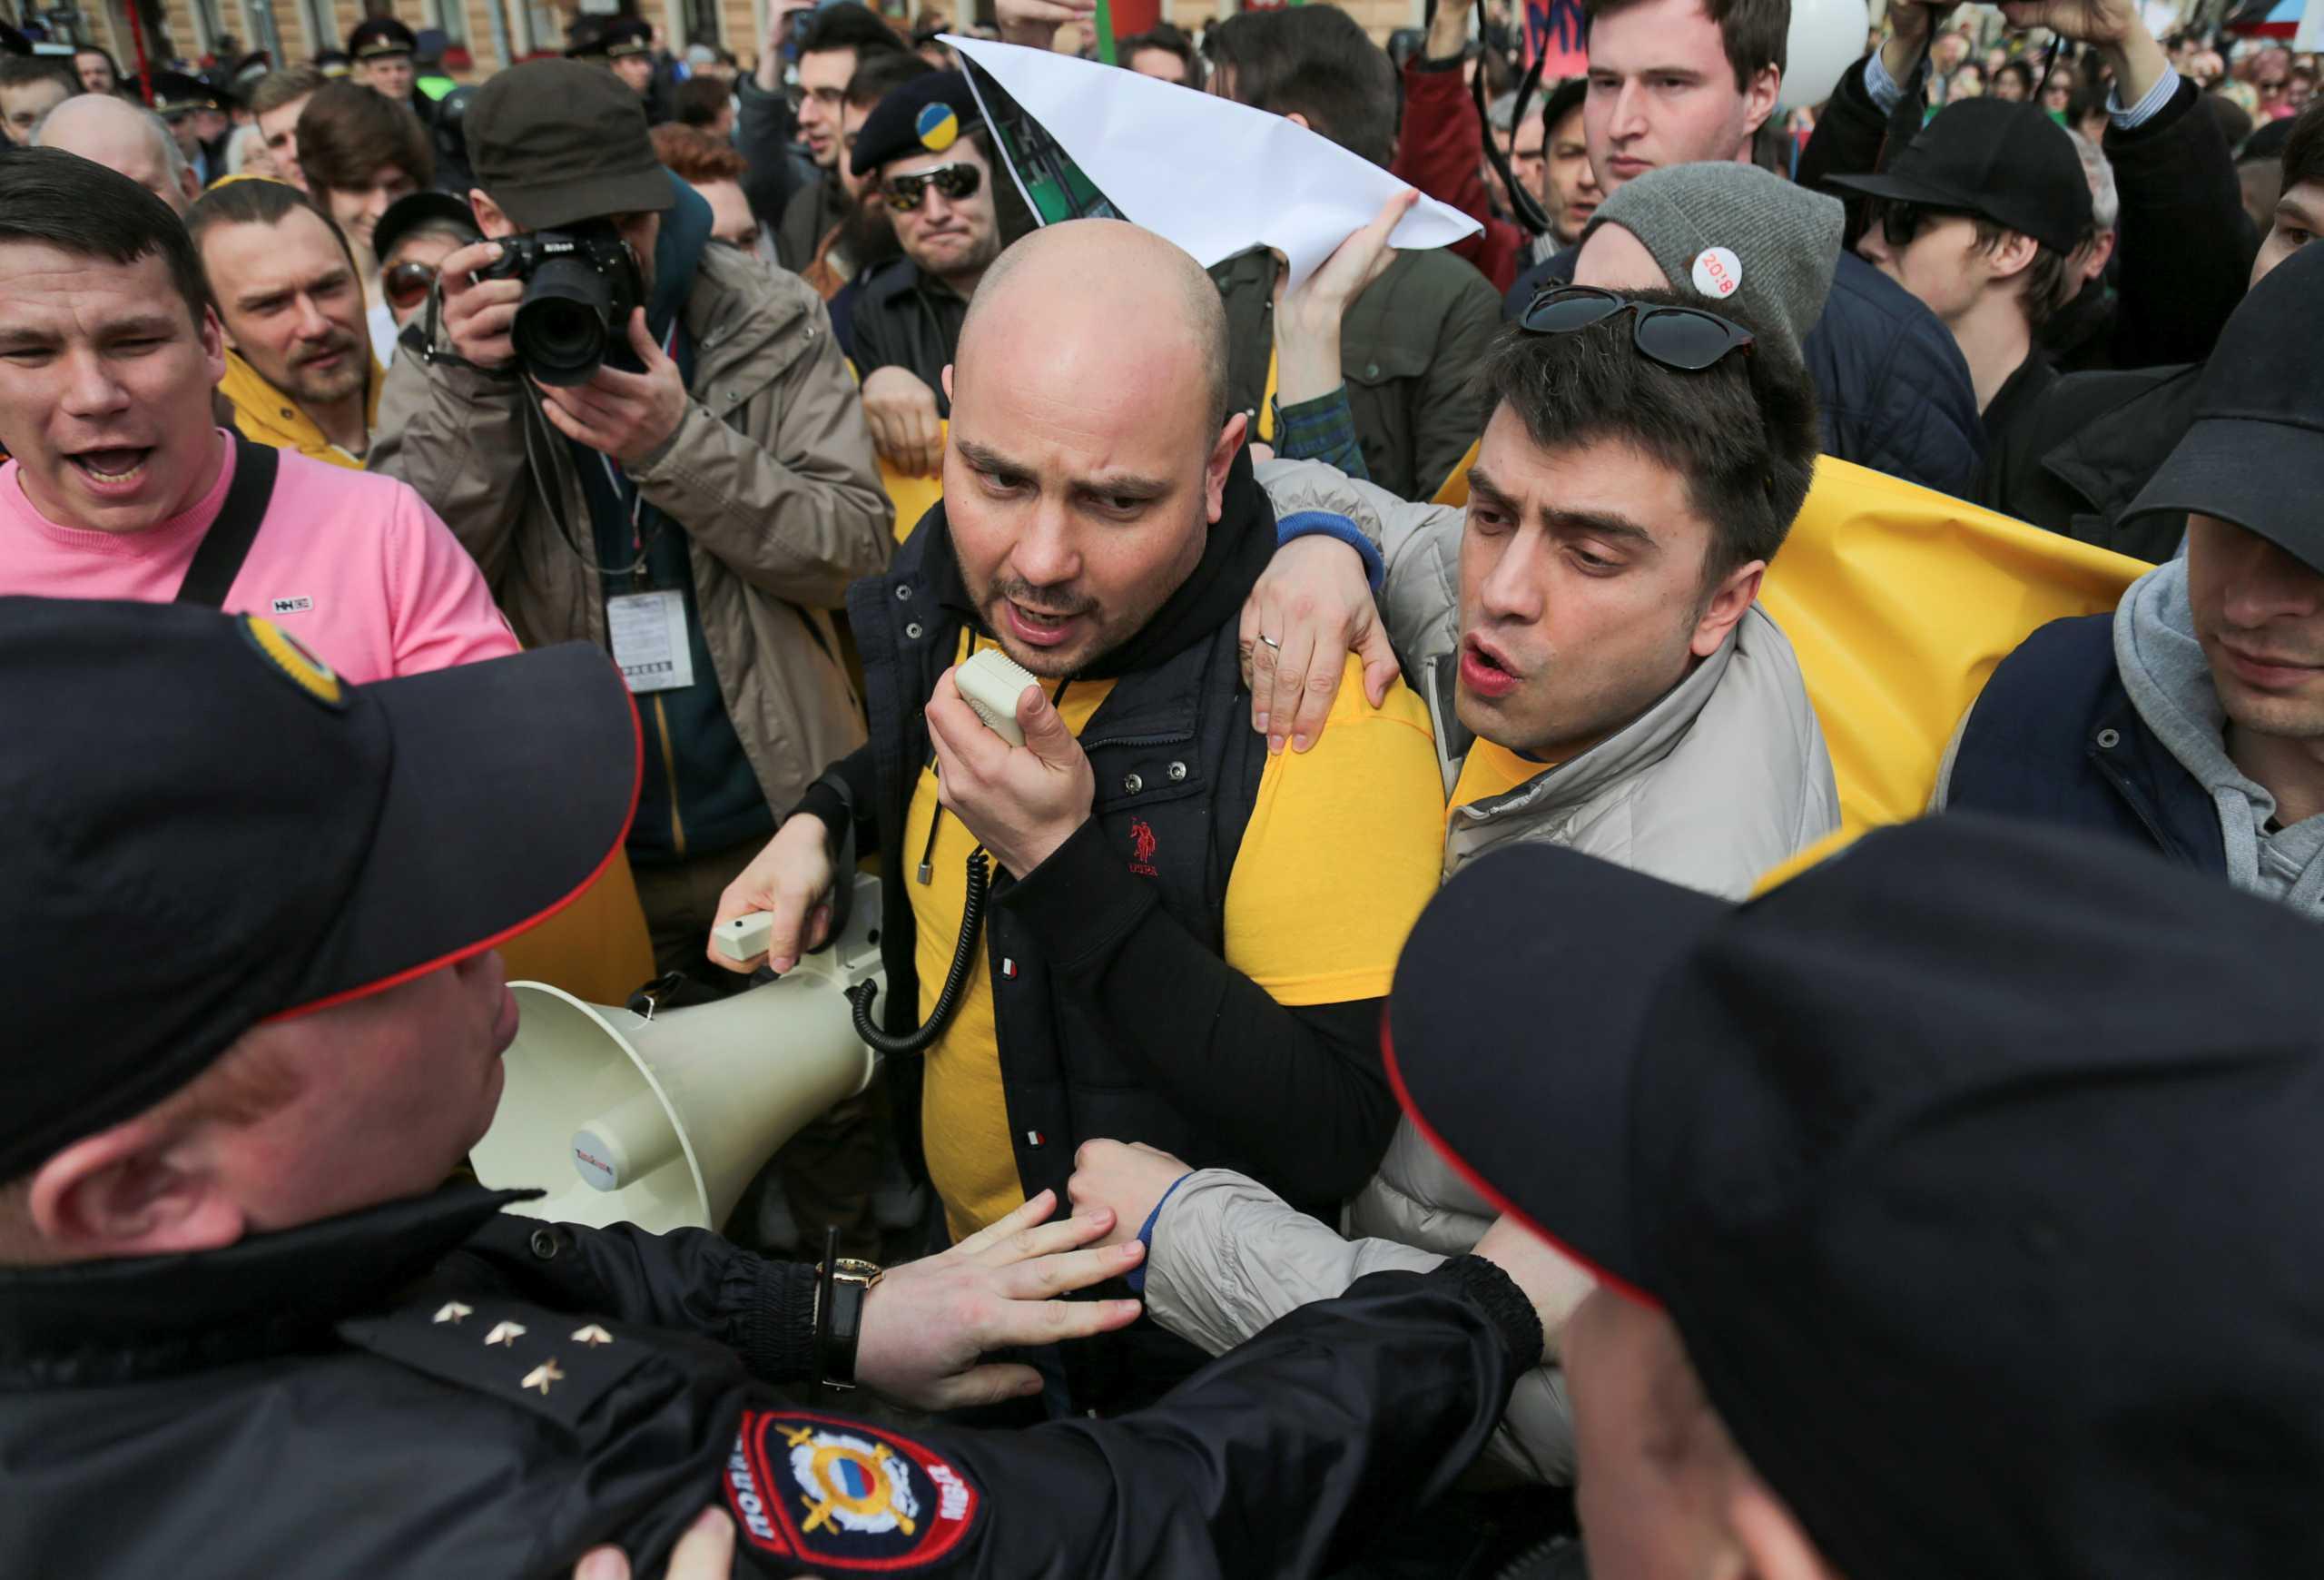 Ρωσία: Σε προσωρινή κράτηση πρώην διευθυντής οργάνωσης της αντιπολίτευσης